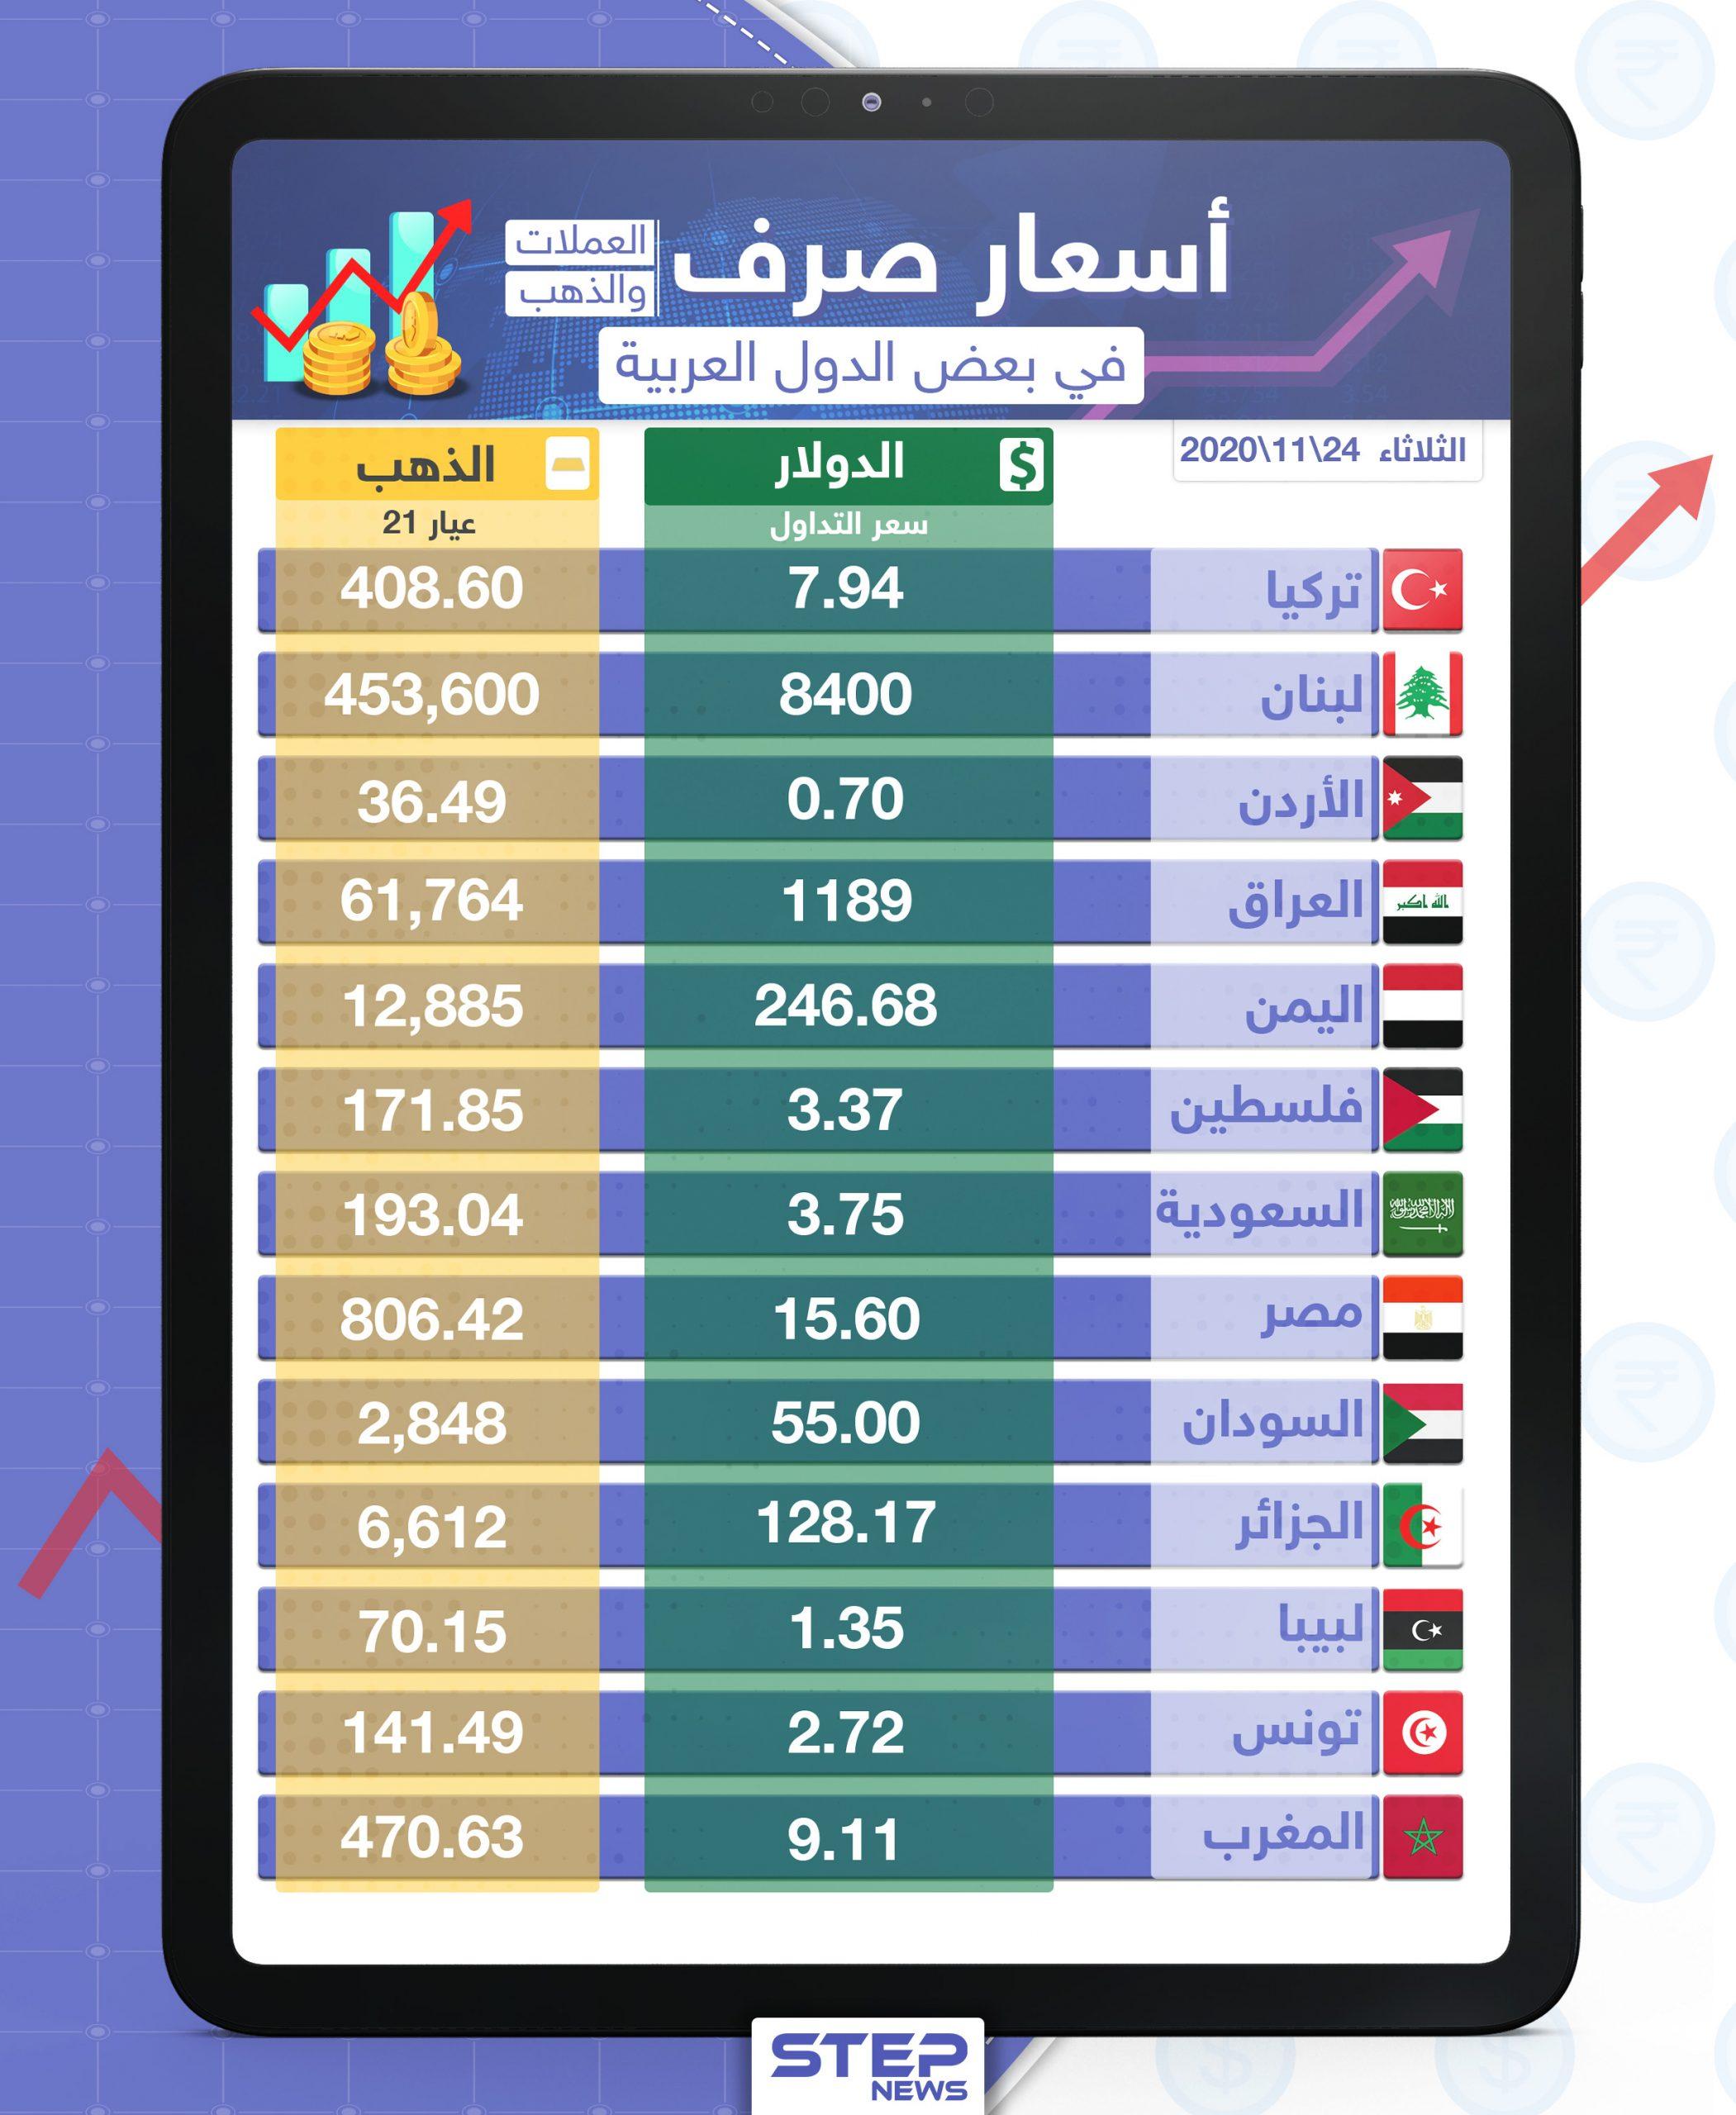 أسعار الذهب والعملات للدول العربية وتركيا اليوم الثلاثاء الموافق 24 تشرين الثاني 2020